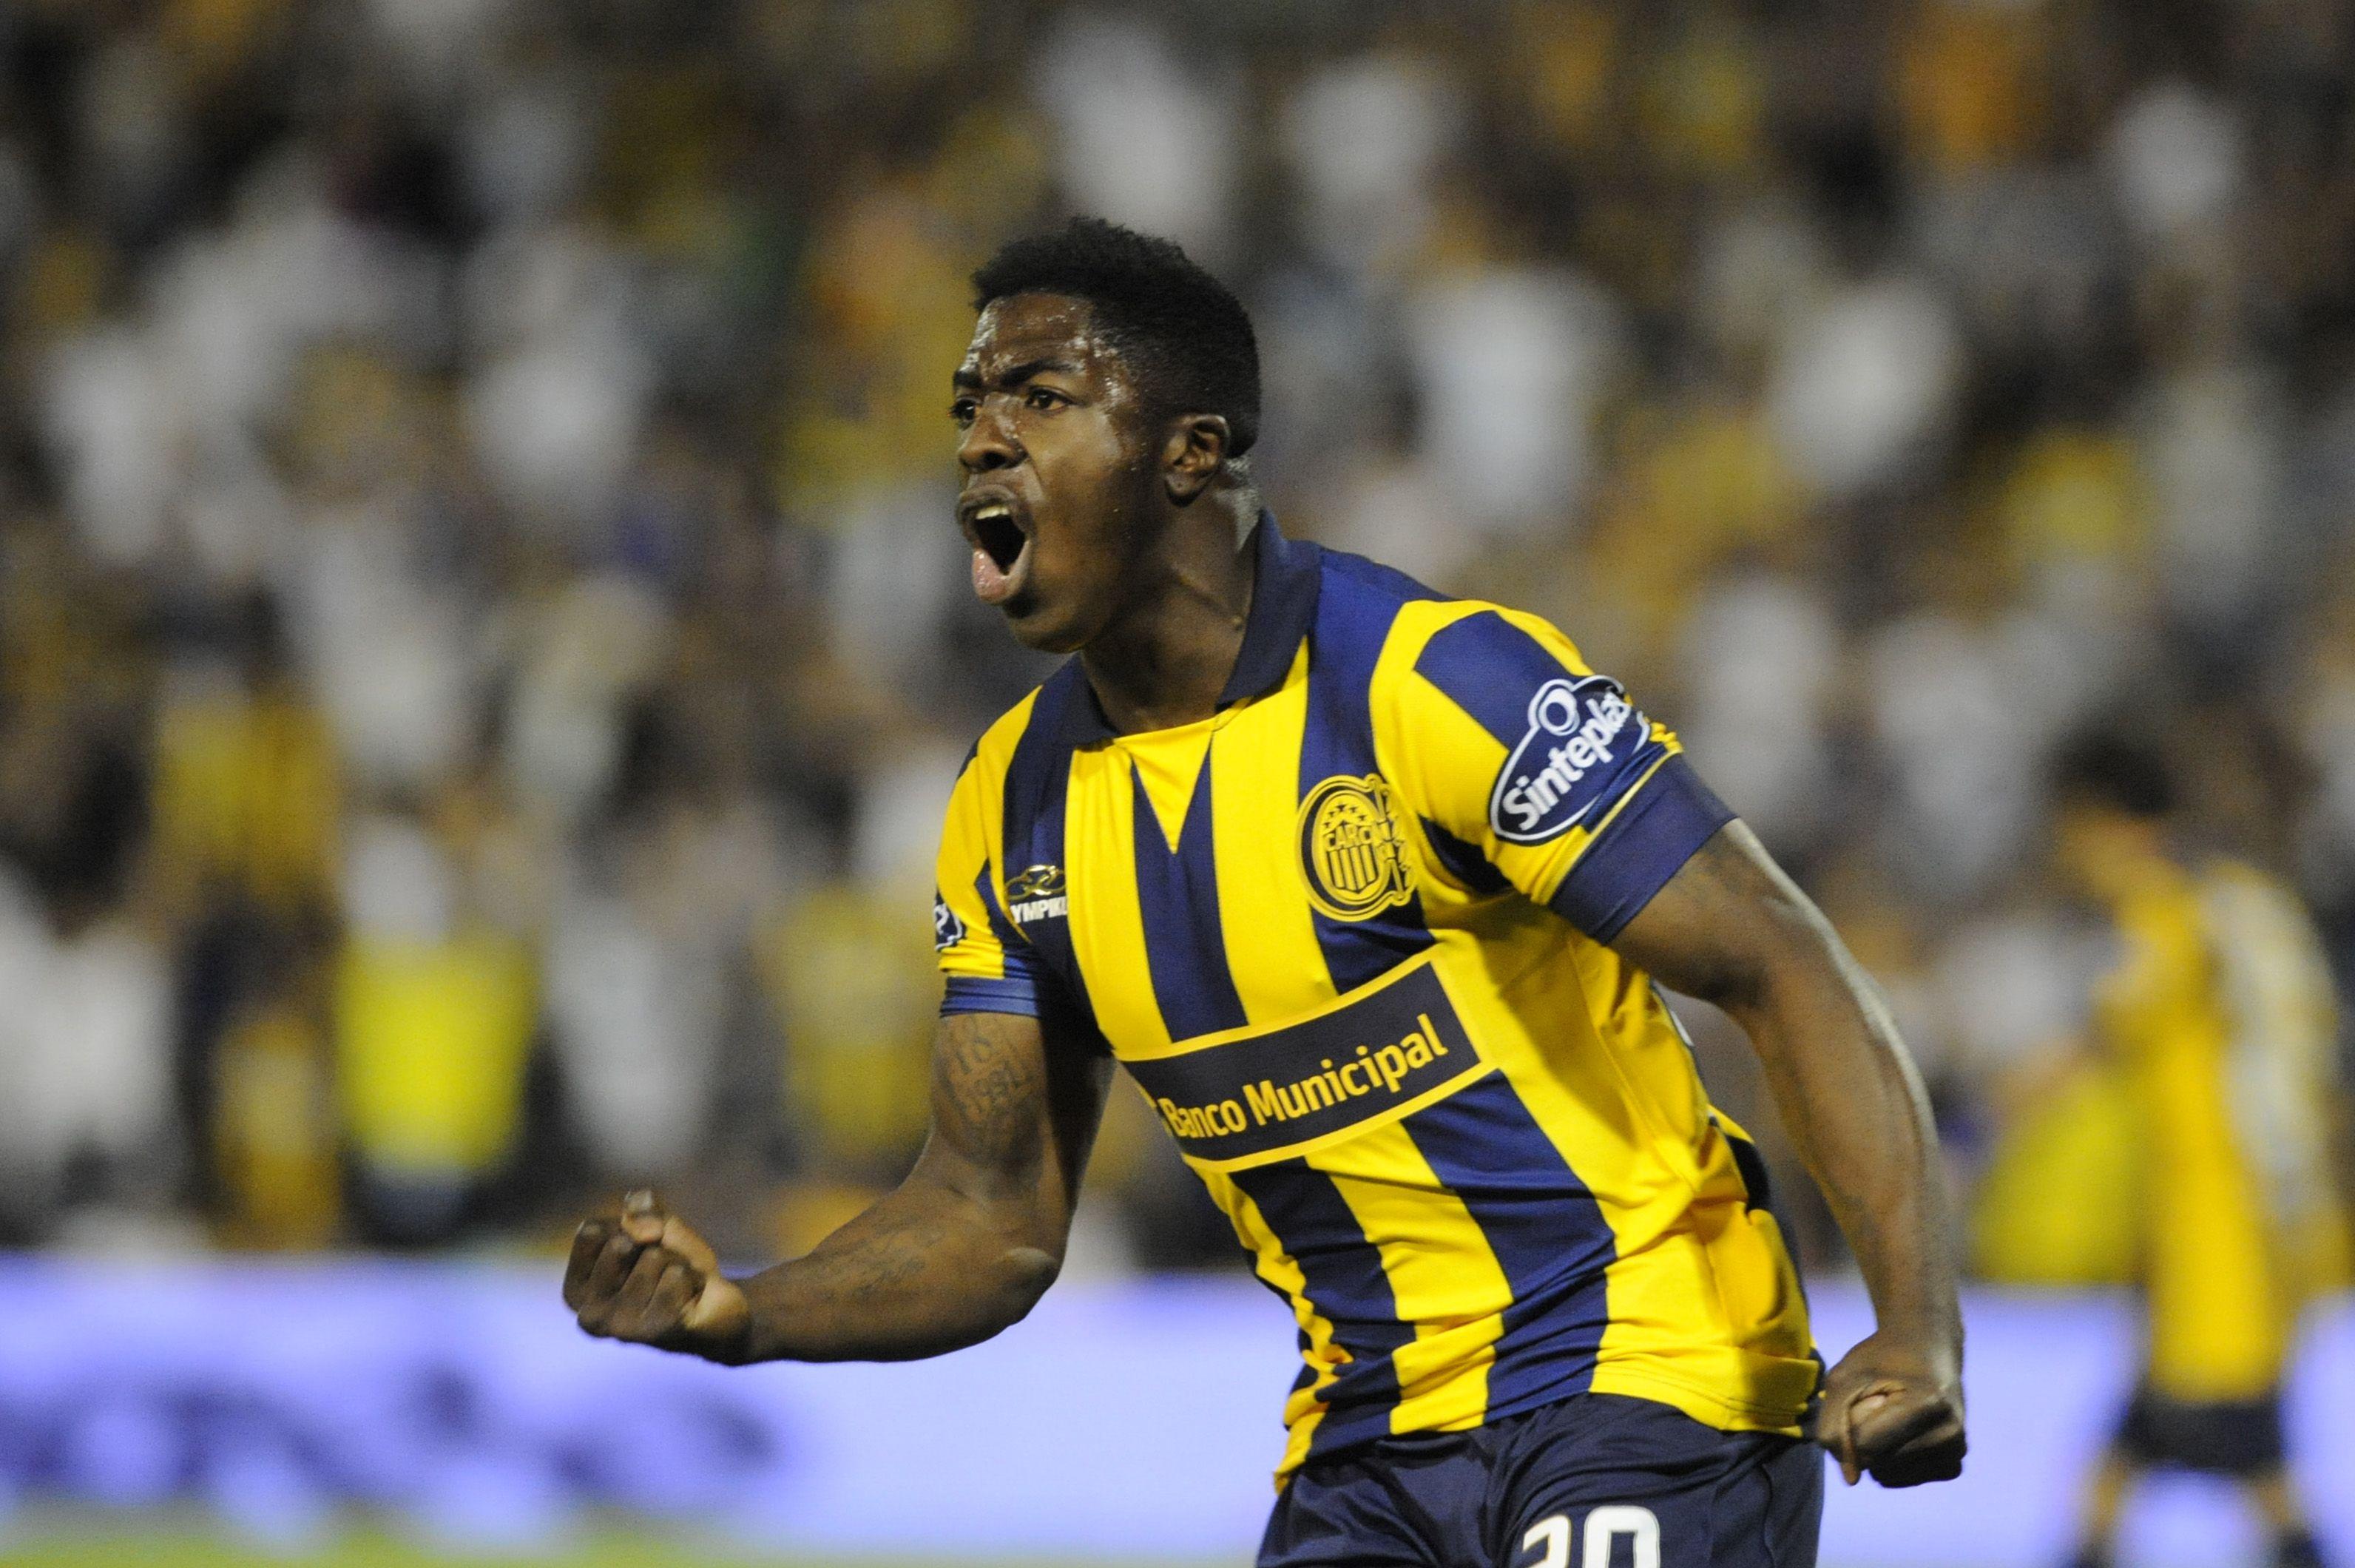 El delantero colombiano José Valencia por el lesionado Sebastián Washington Abreu será le único cambio de Central en la final de la Copa Argentina.